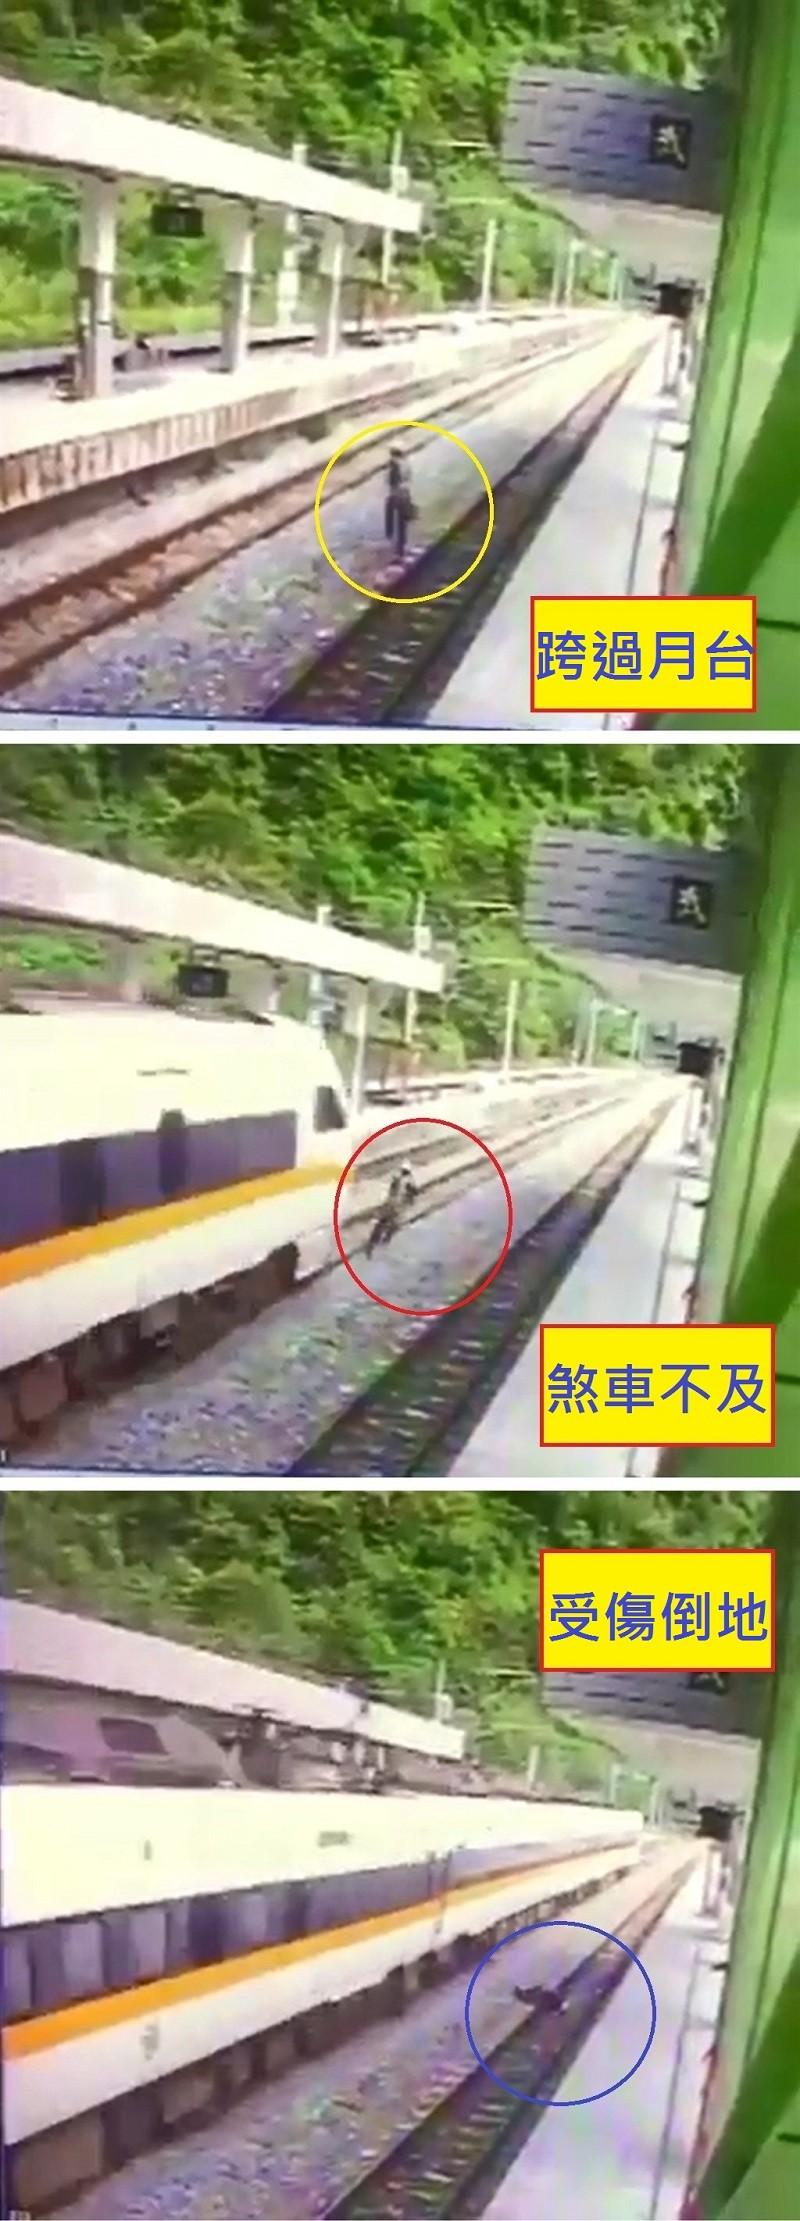 最新【直擊畫面】又出事! 北台灣宜蘭武塔站違規施作•工人跨月台遭太魯閣號撞傷 台鐵宣布臨軌工程全面停工